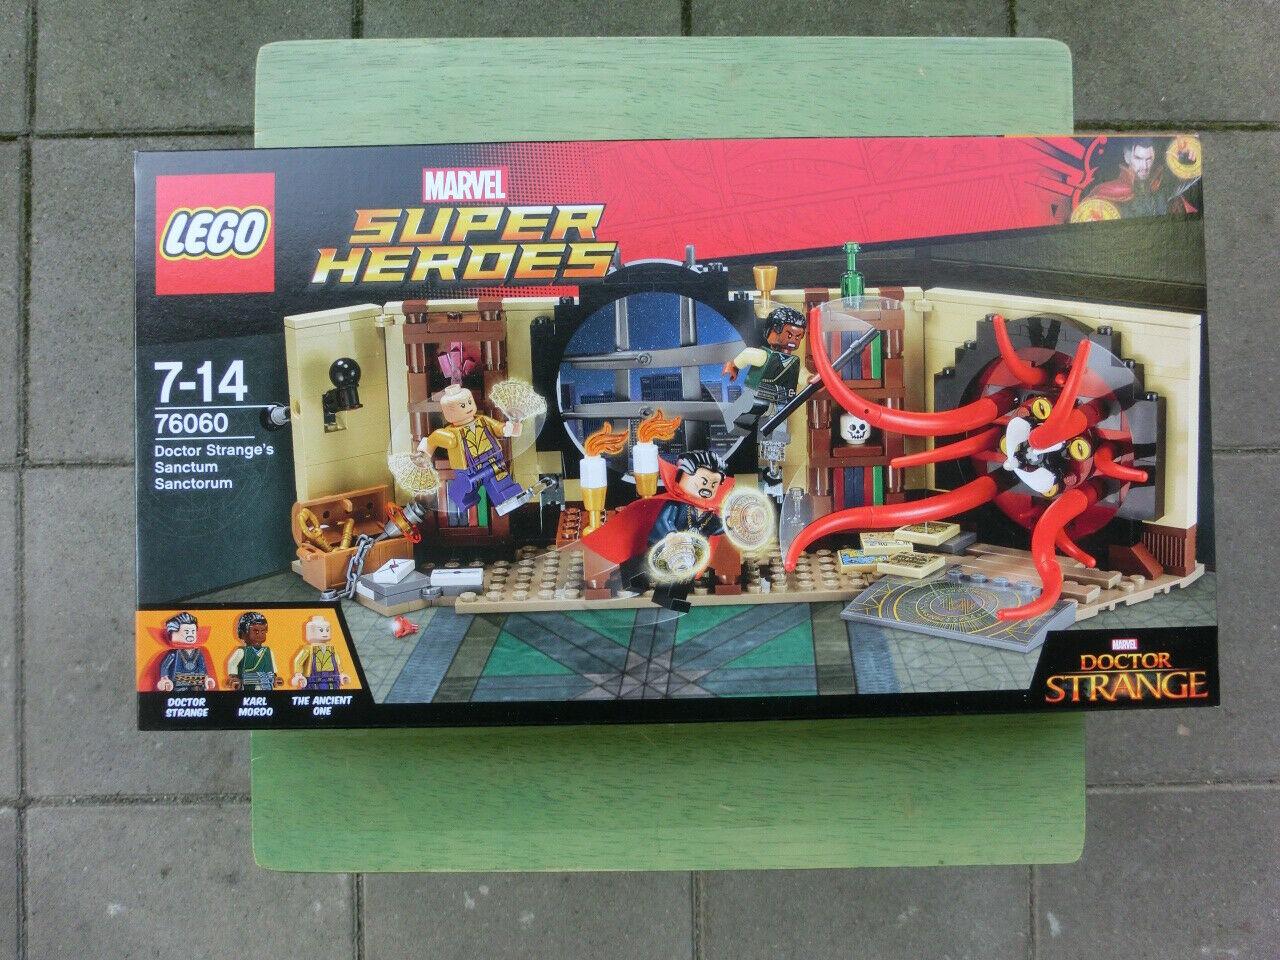 Lego Marvel súper Heroes 76060 Doctor Strange's Sanctum Sanctorum-nuevo en el embalaje original